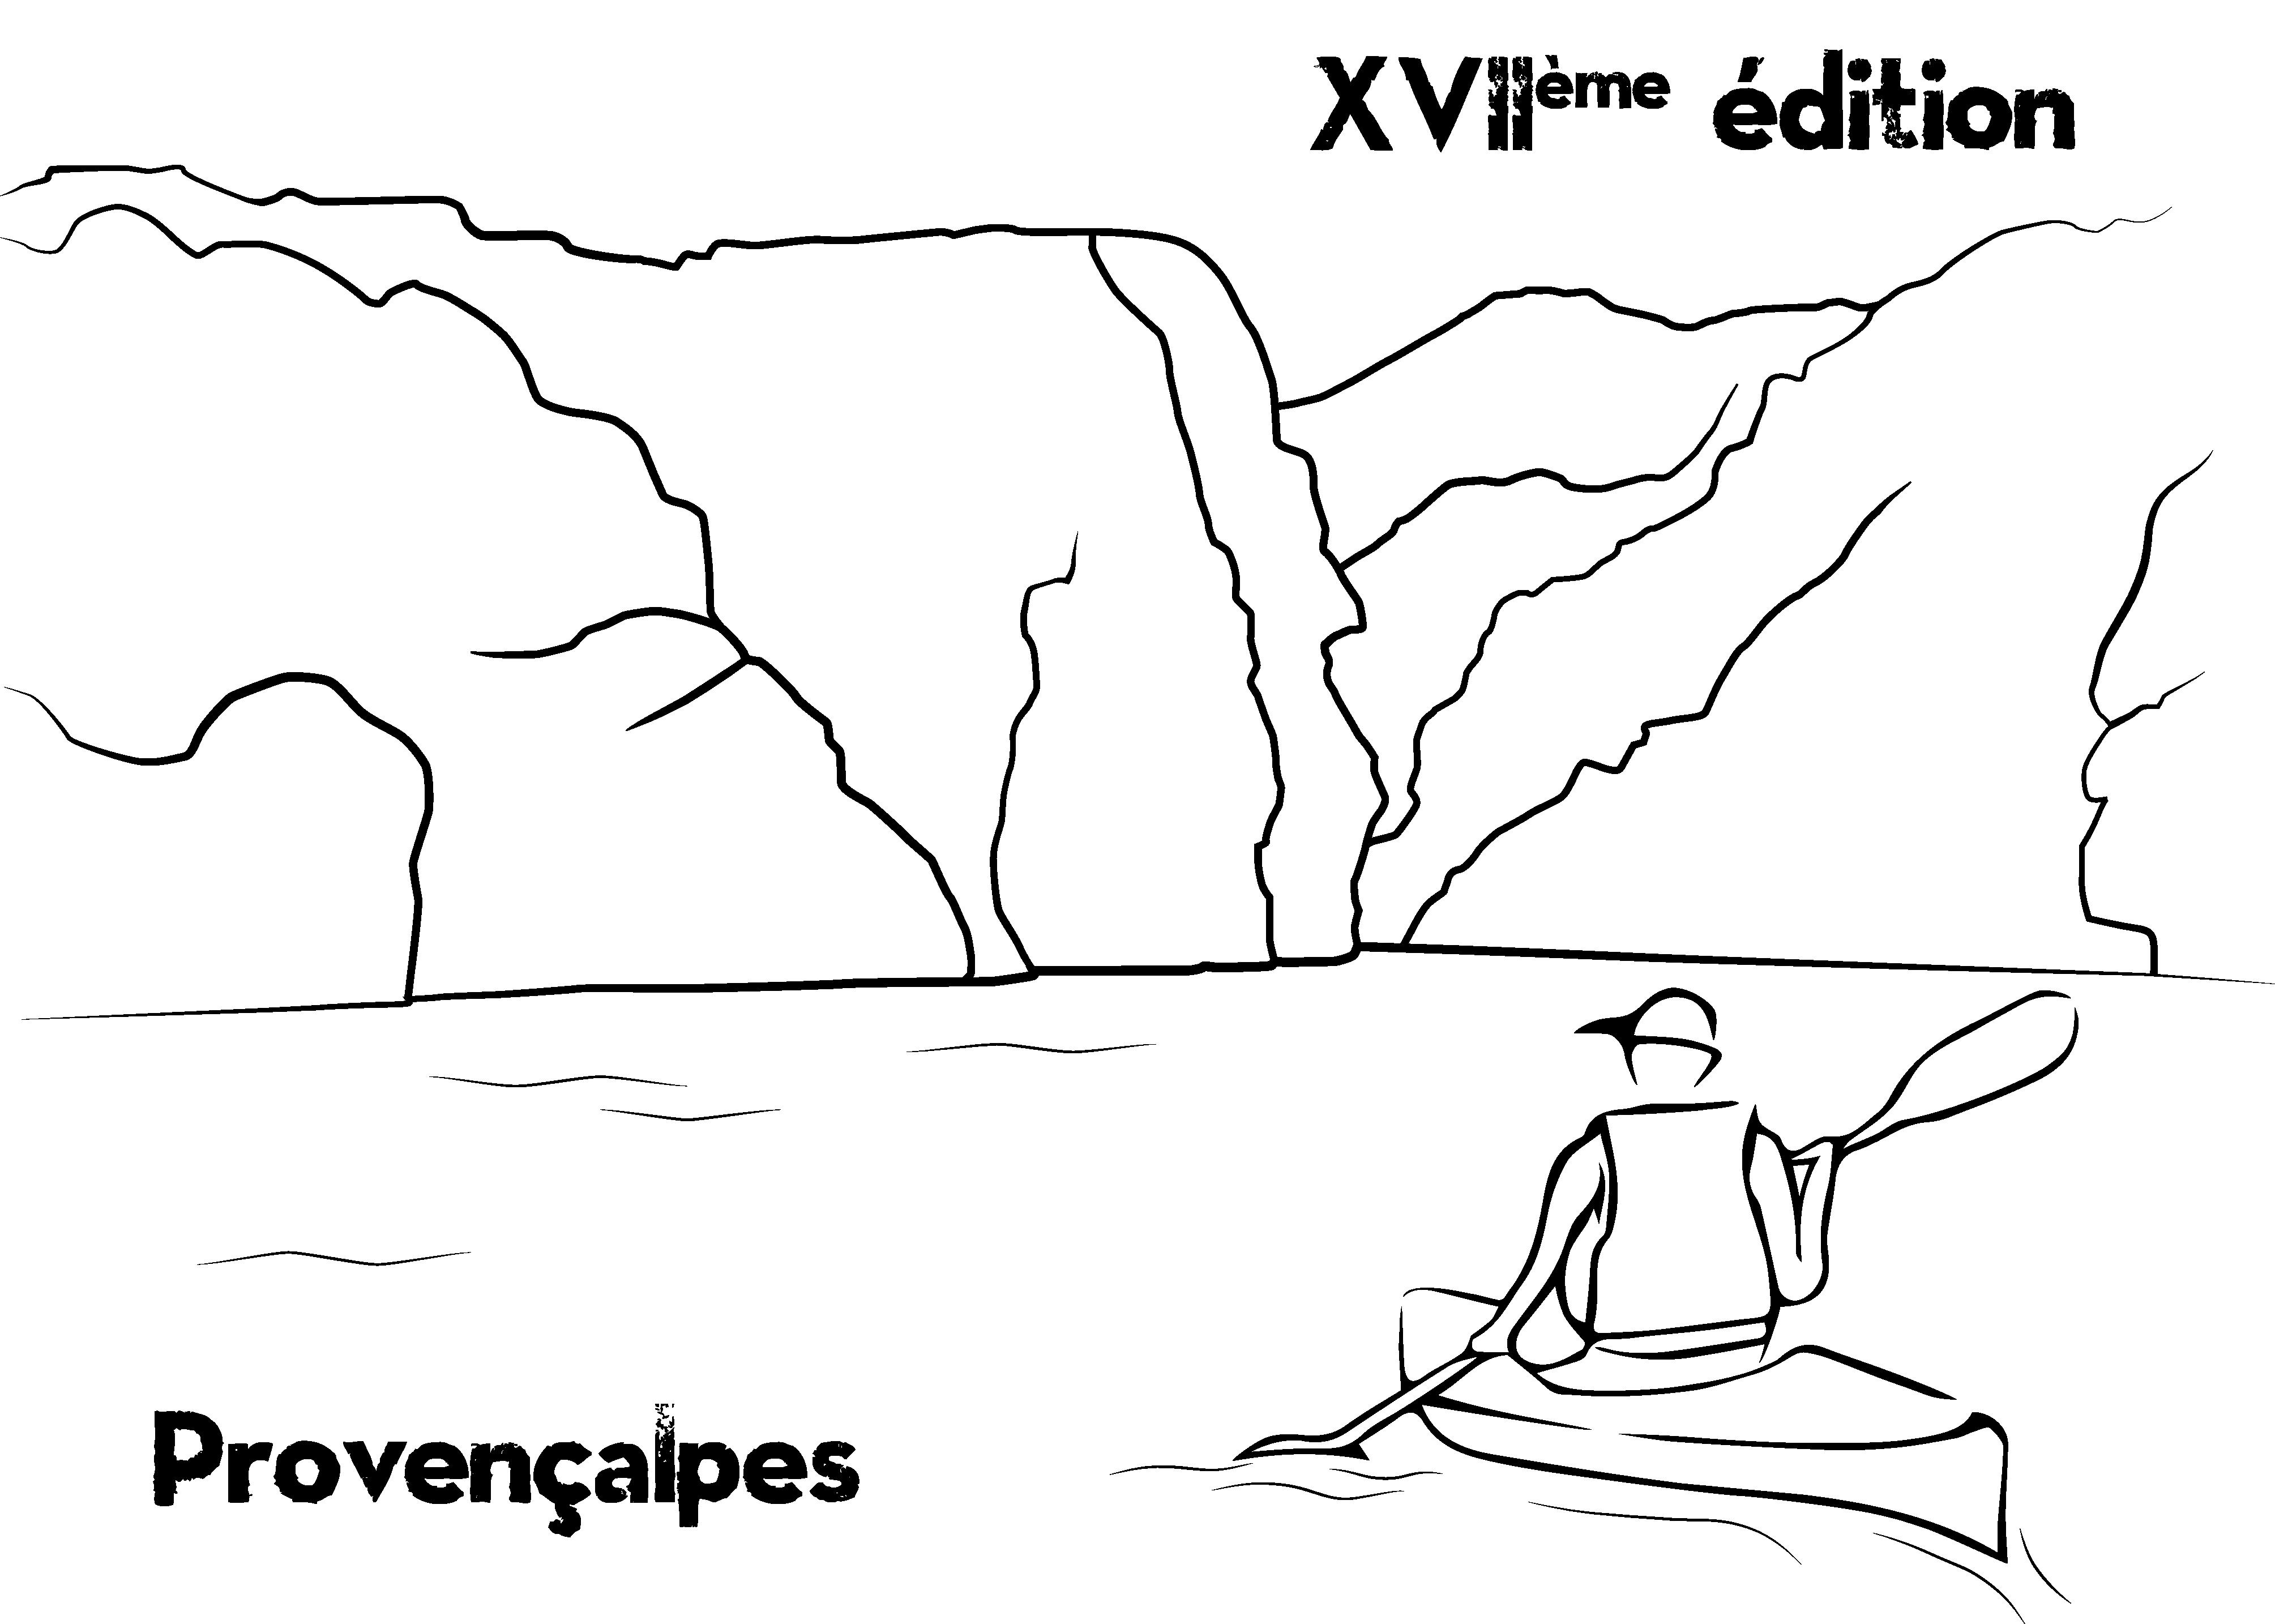 diapo 2